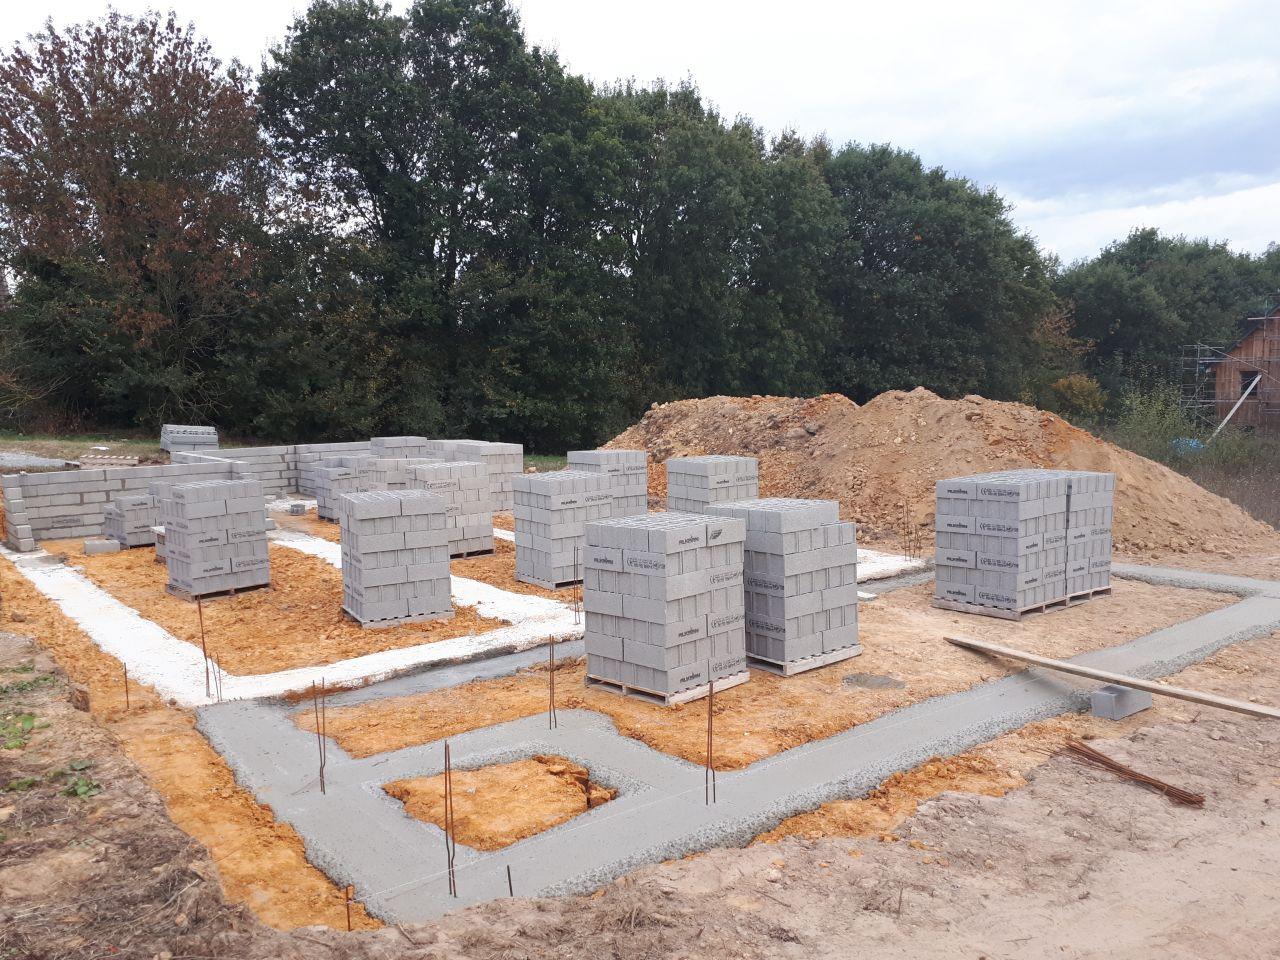 ils ont coulé aussi les fondations de la future terrasse de 50M2. Les parpaings sont arrivés pour la construction du vide sanitaire qui sera sur 6 rangs, mon terrain étant en pente et pour l'aspect pratique d'accès par la suite sous la maison à ne surtout pas négliger.